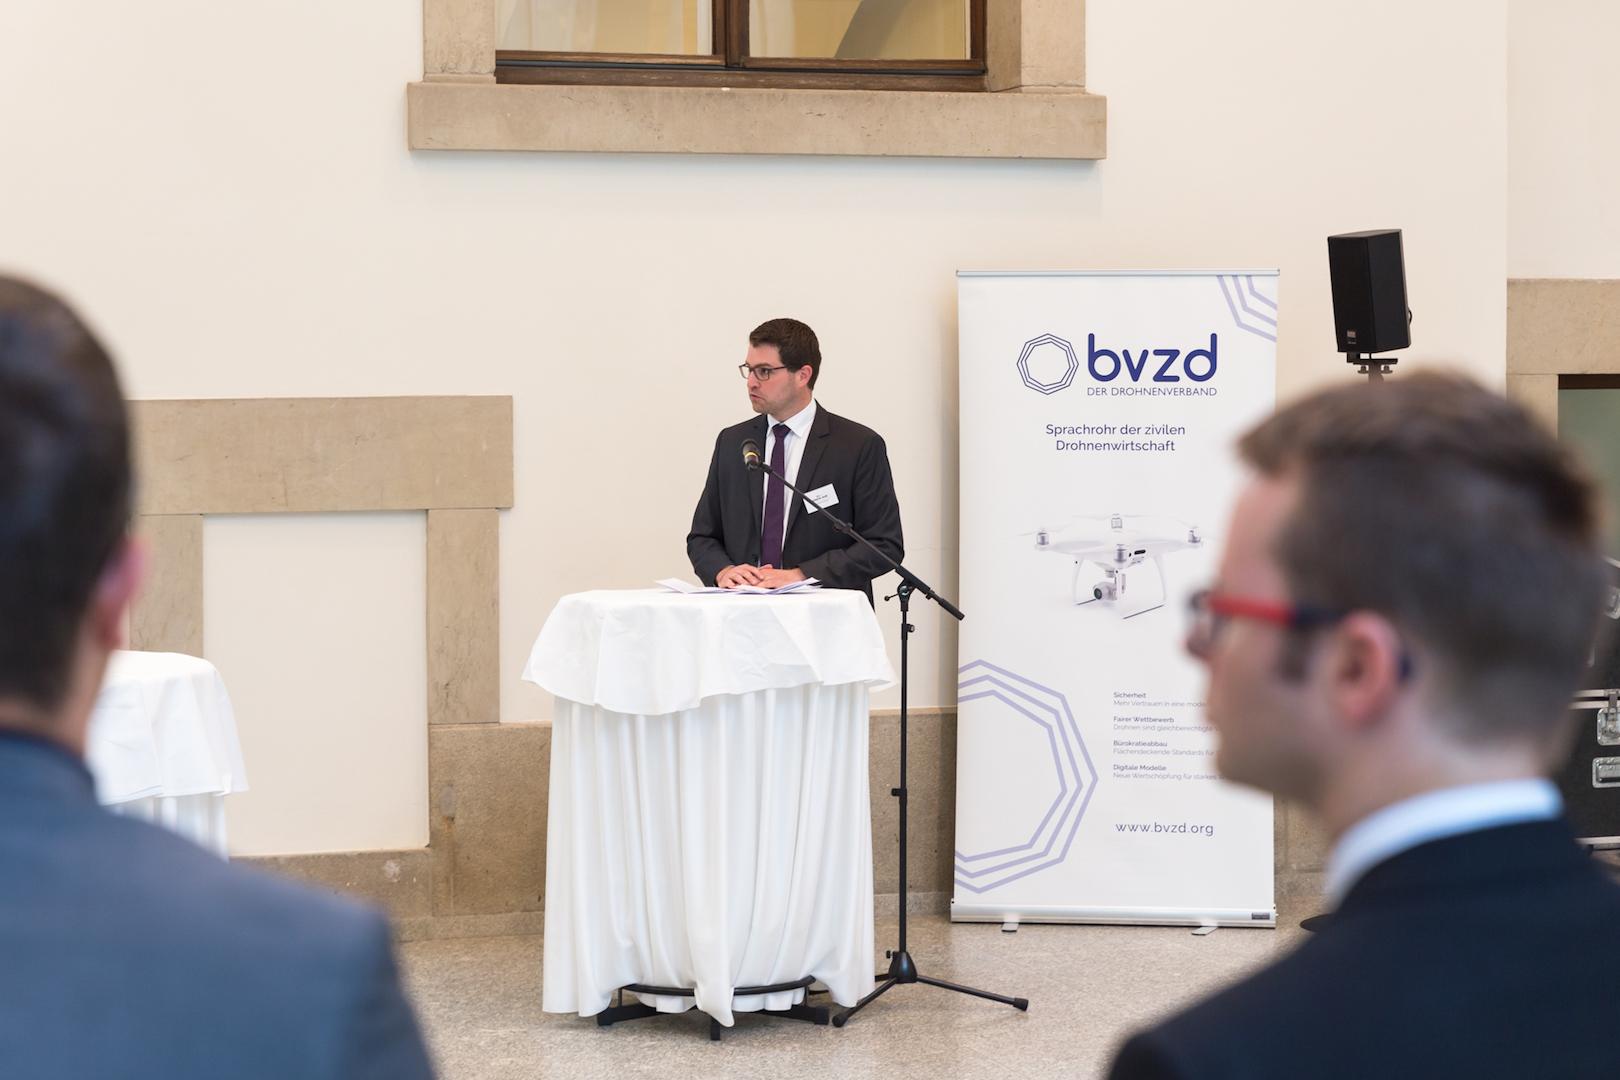 BVZD - Parlamentarische Gesellschaft-22.jpg